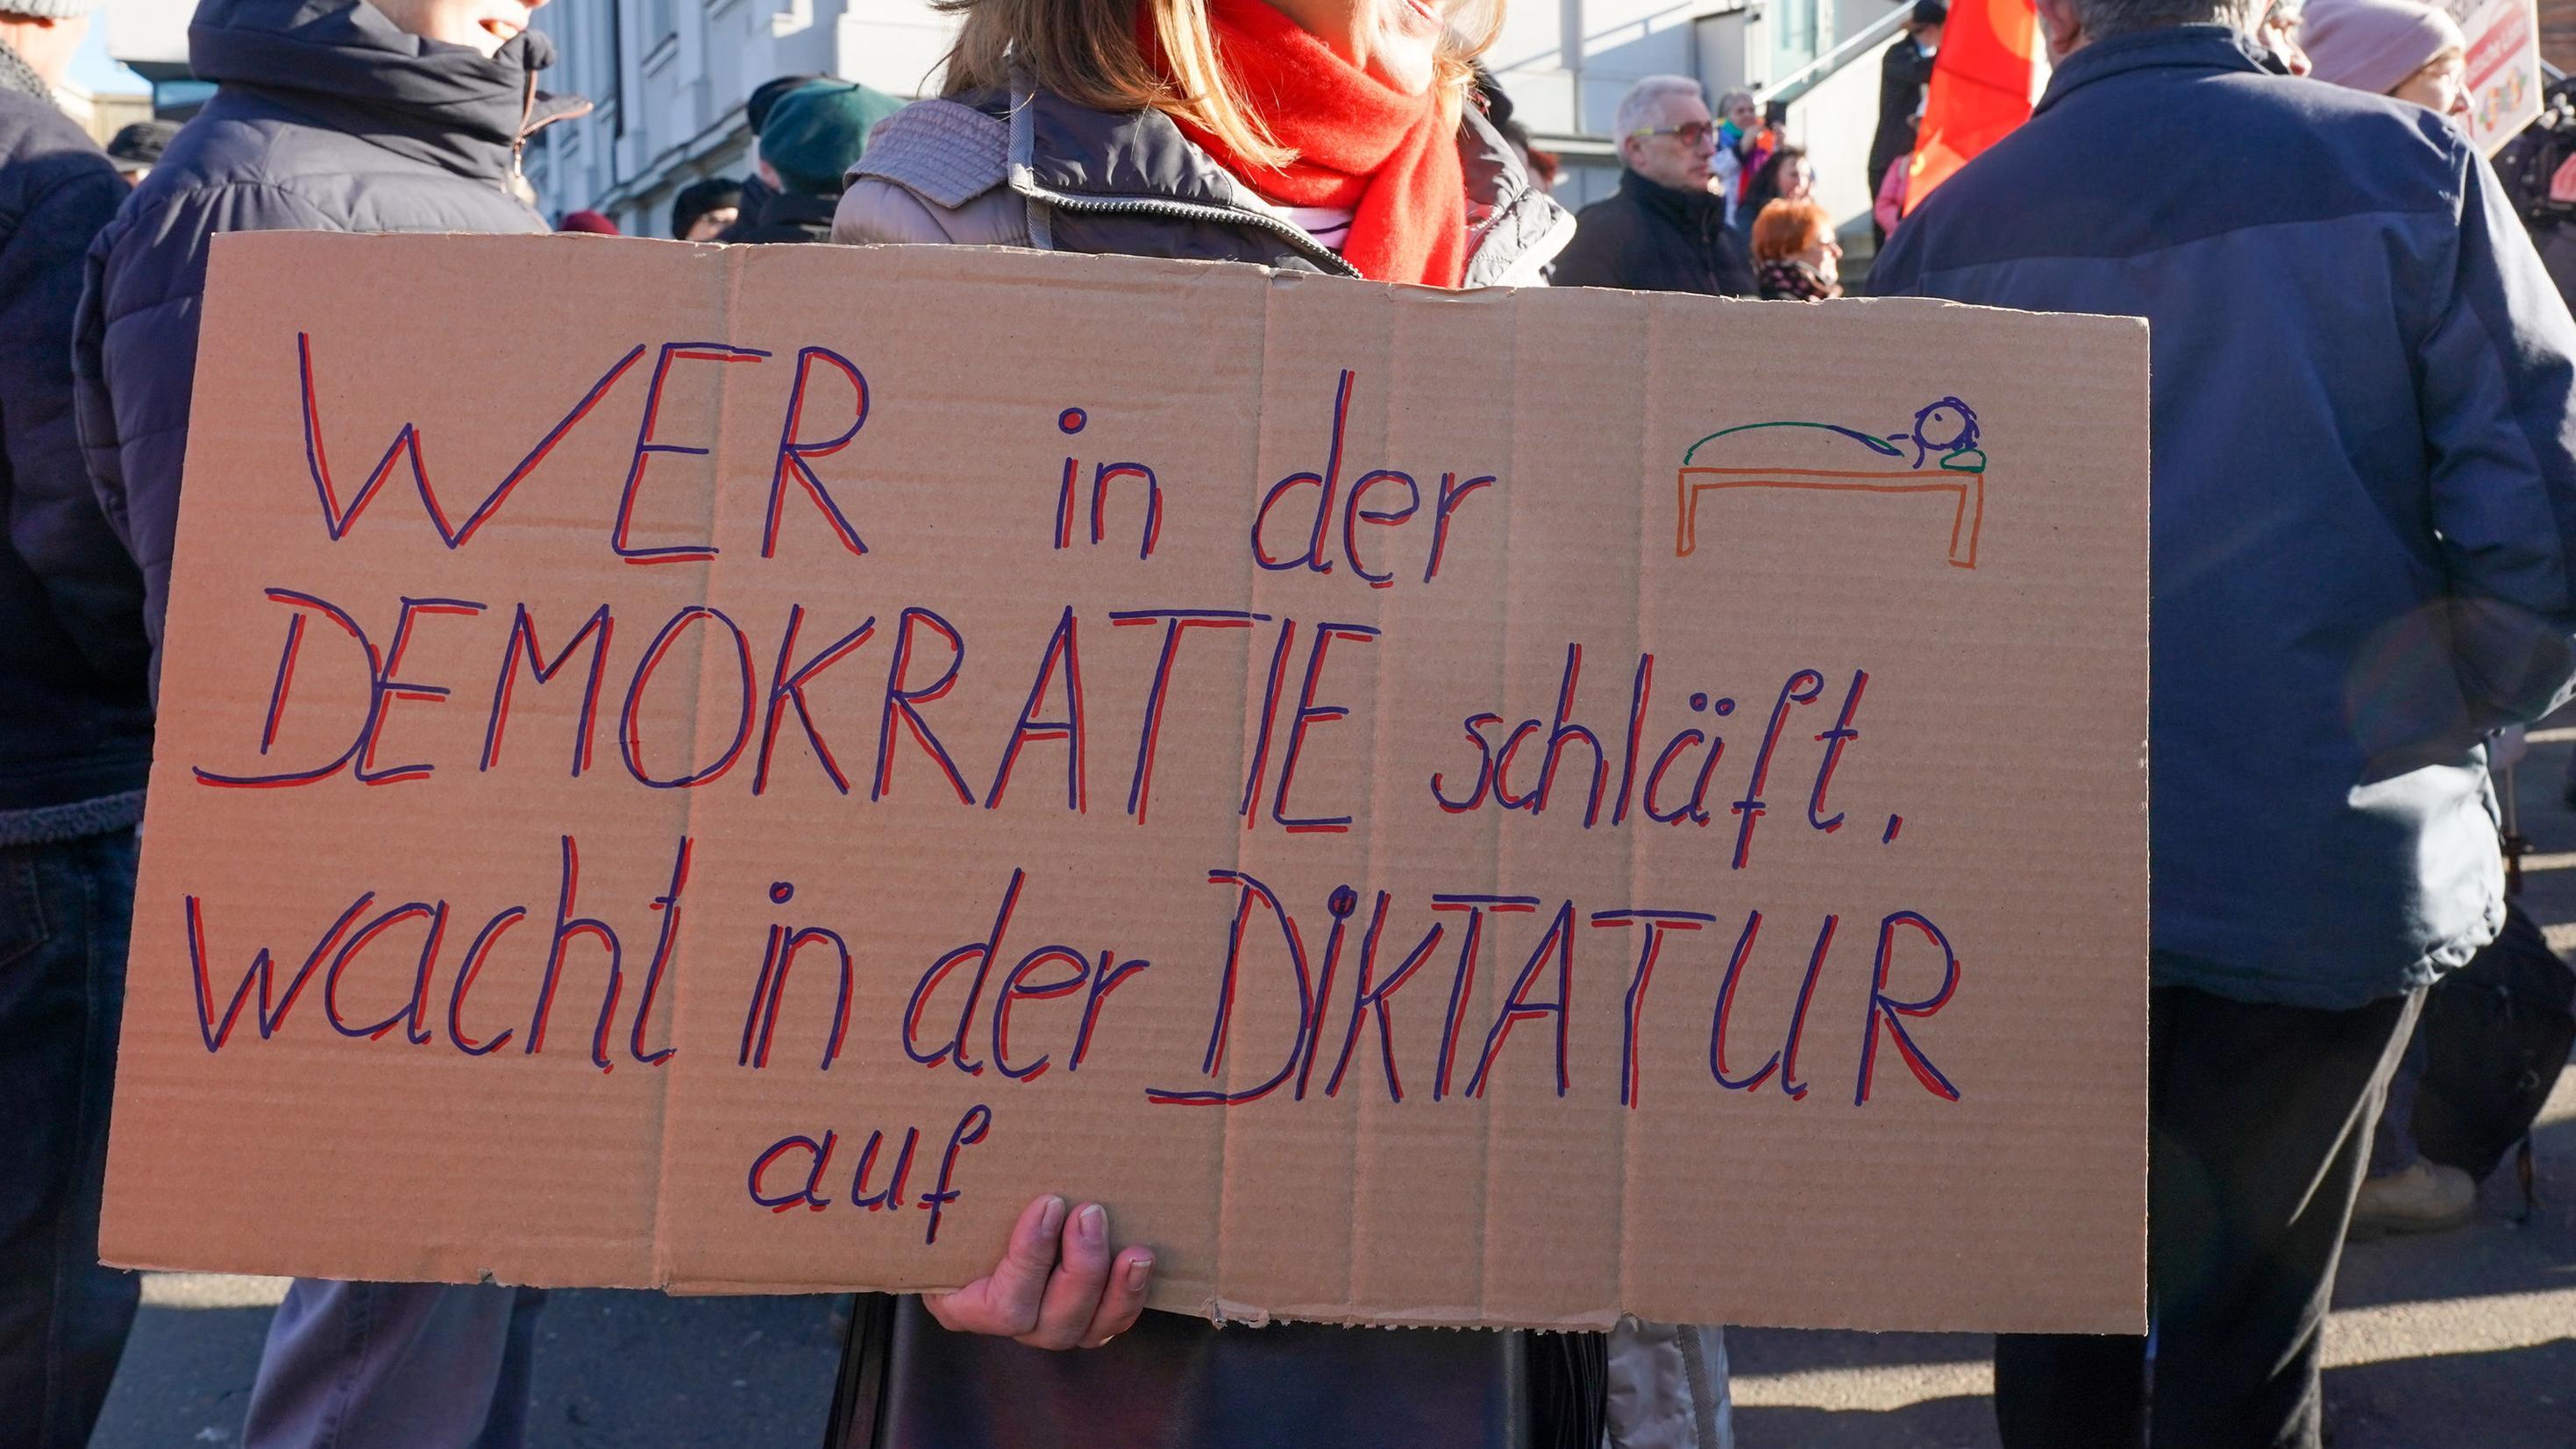 Eine Demonstrantin hält ein Plakat mit der Aufschrift «wer in der Demokratie schläft, wacht in derr Diktatur auf» während einer Kundgebung und Demonstration unter dem Motto «Für ein weltoffenes Thüringen - Gegen faschistische Paktierereien».